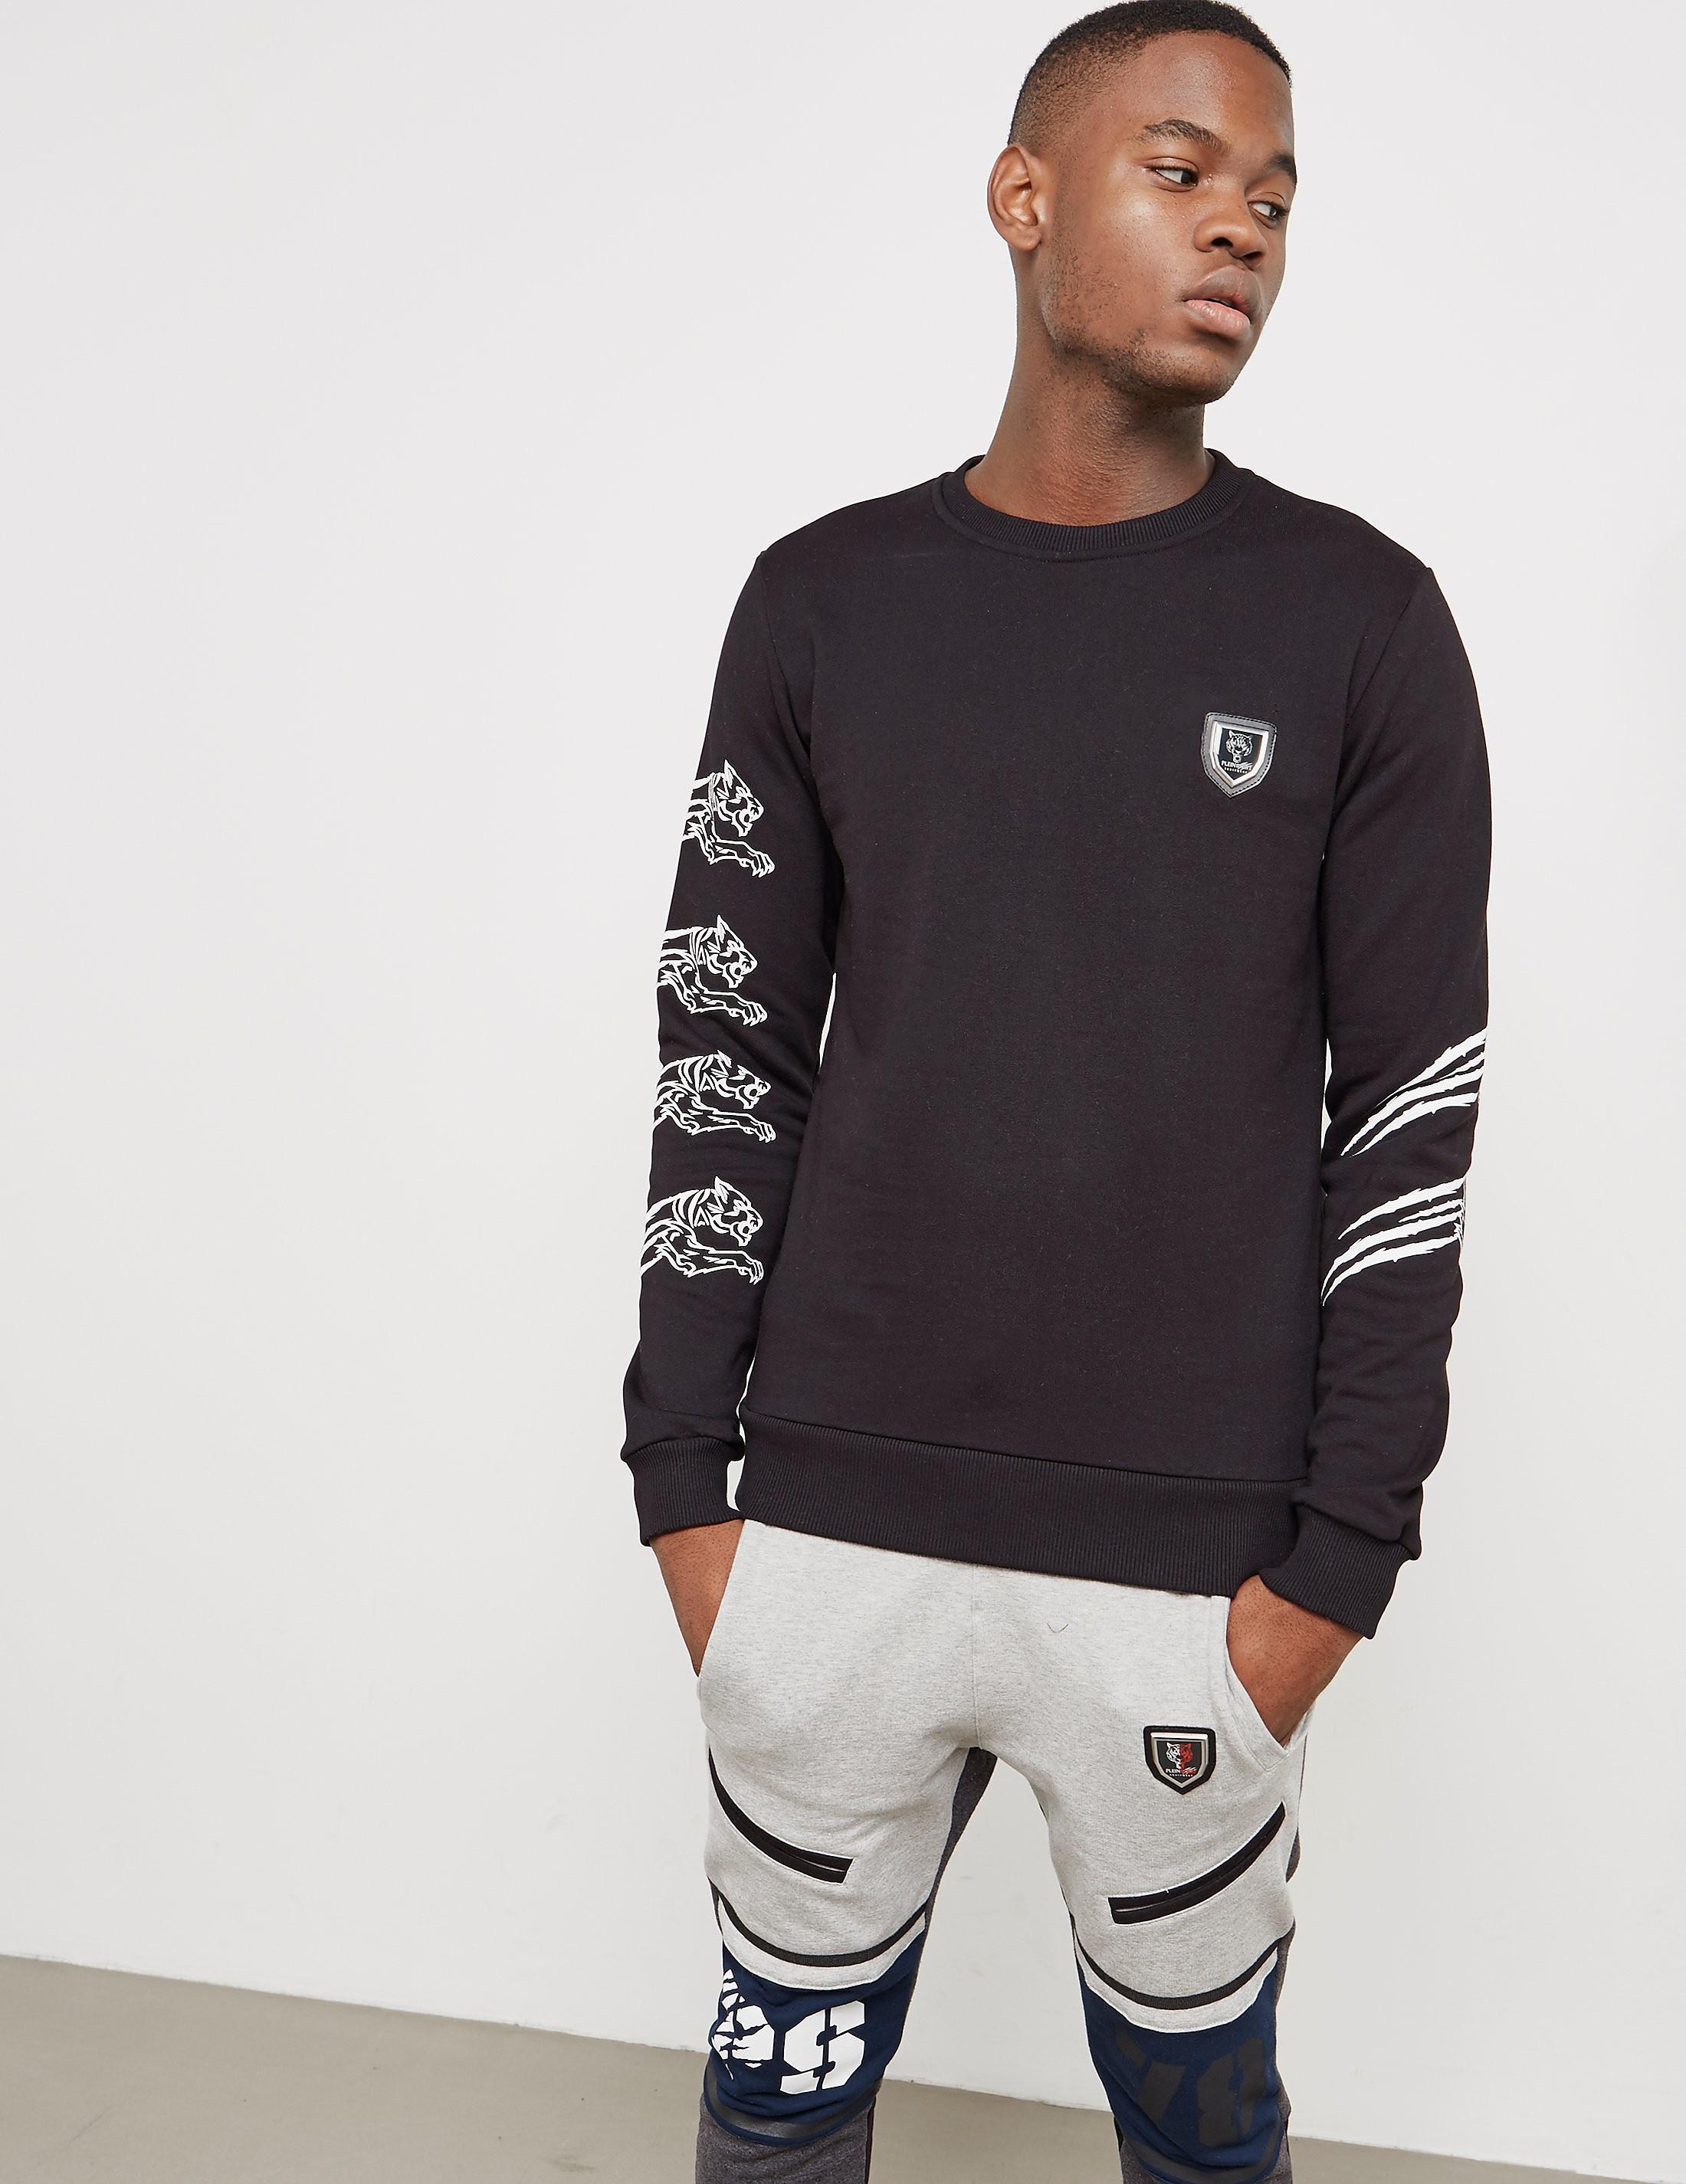 Philipp Plein Sport Crest Sweatshirt